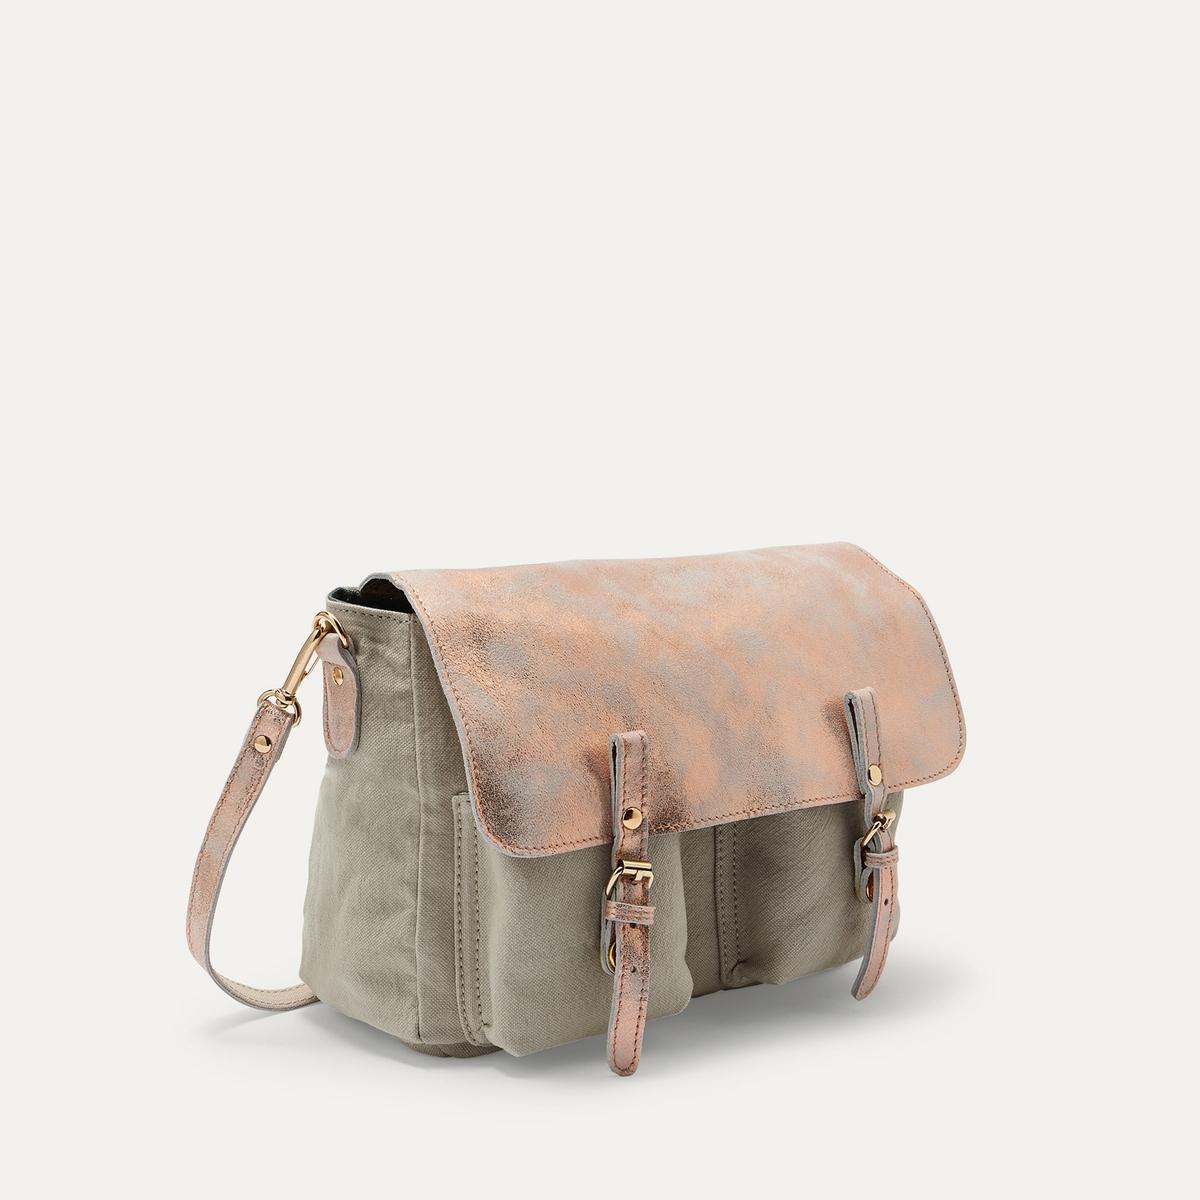 Сумка MINI MATHS SPRAYСумка-мини-портфель CRAIE - модель MINI MATHS SPRAY, из ткани и кожи. Модулируемая сумка. Можно носить в руках и на плече, как сумку или как рюкзак, благодаря кольцу и съемному регулируемому ремню. Застёжка на кнопки под пряжками. 1 внутренний накладной карман с застёжкой на кнопку. Состав и описание Материал : кожа ягненка и хлопковая тканьПодкладка из хлопковой ткани и кожиРазмеры : Ш24 x В18 x Г7 см.Отделения : 1 + 2 кармана спередиМарка : CRAIE<br><br>Цвет: экрю